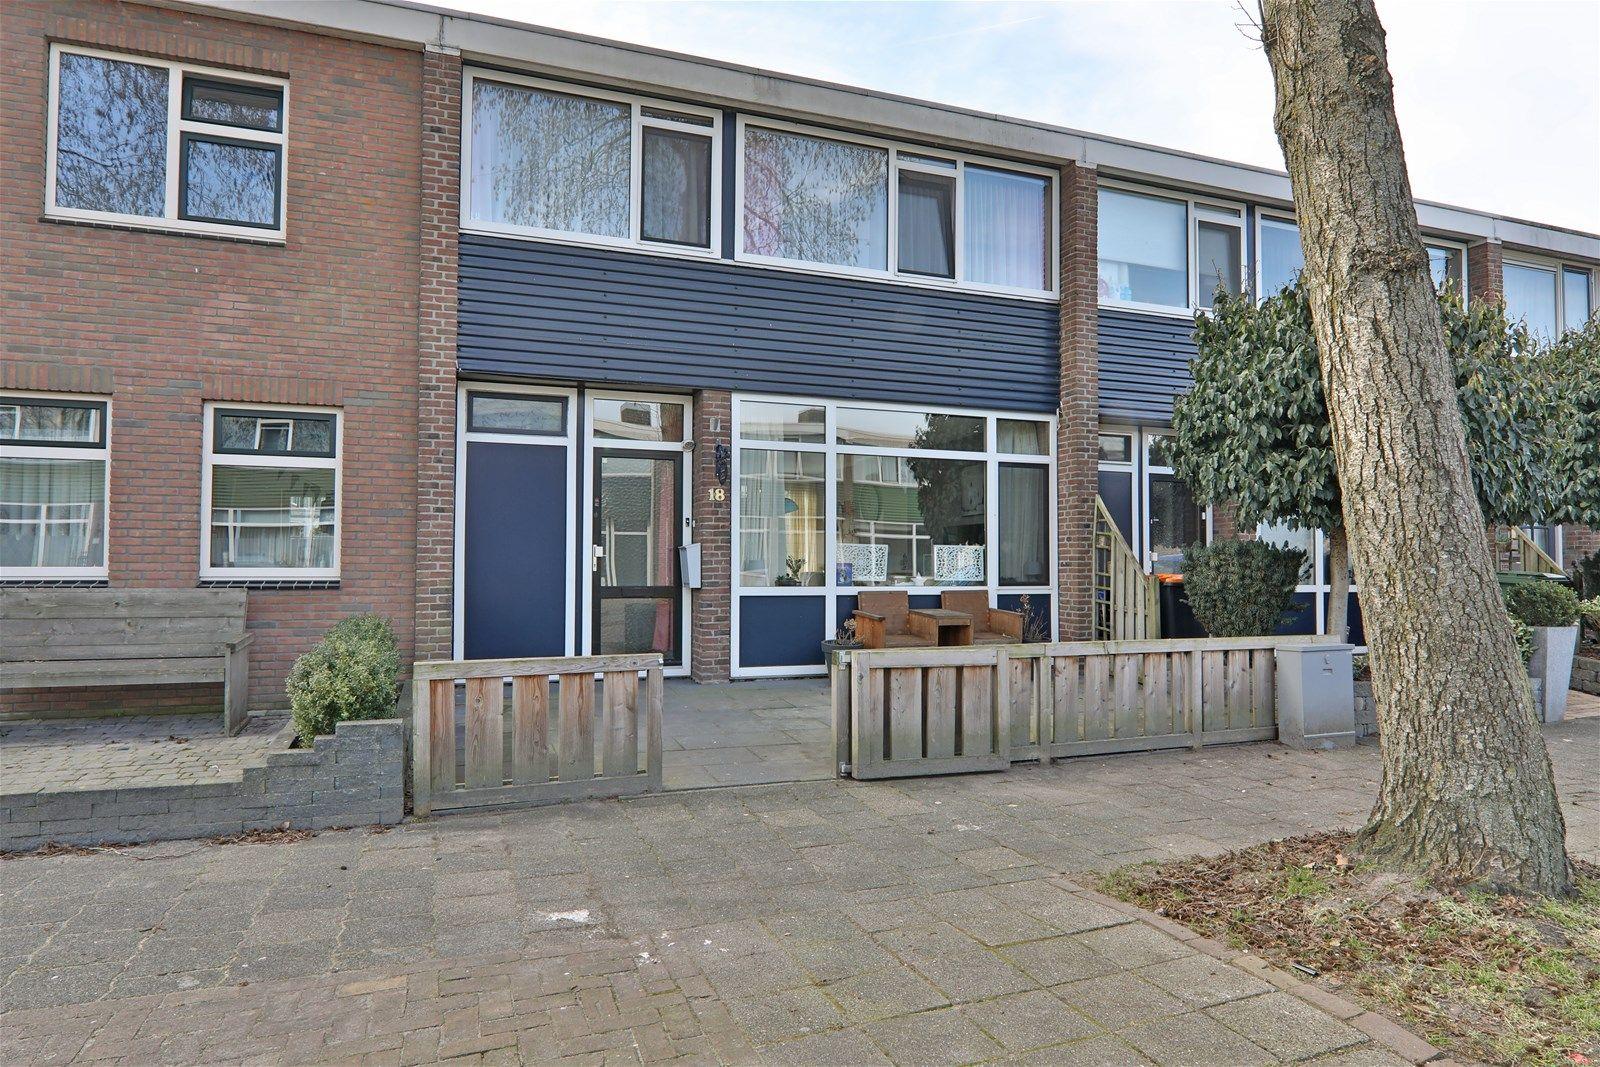 Resedastraat 18, Hoogeveen